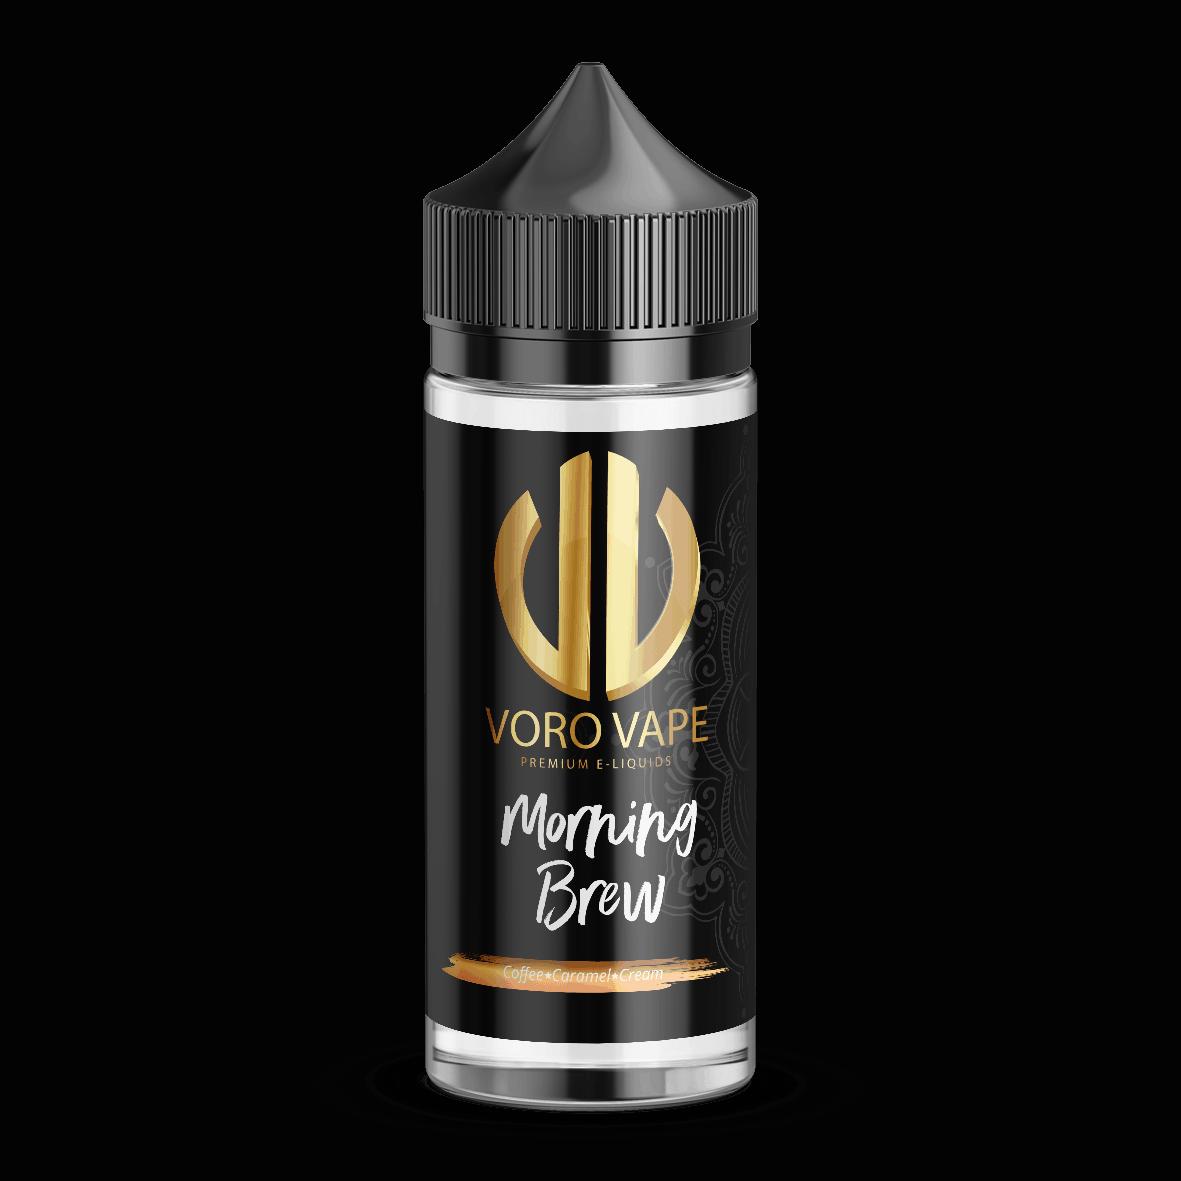 Morning Brew E-Liquid Shortfill by Voro Vape